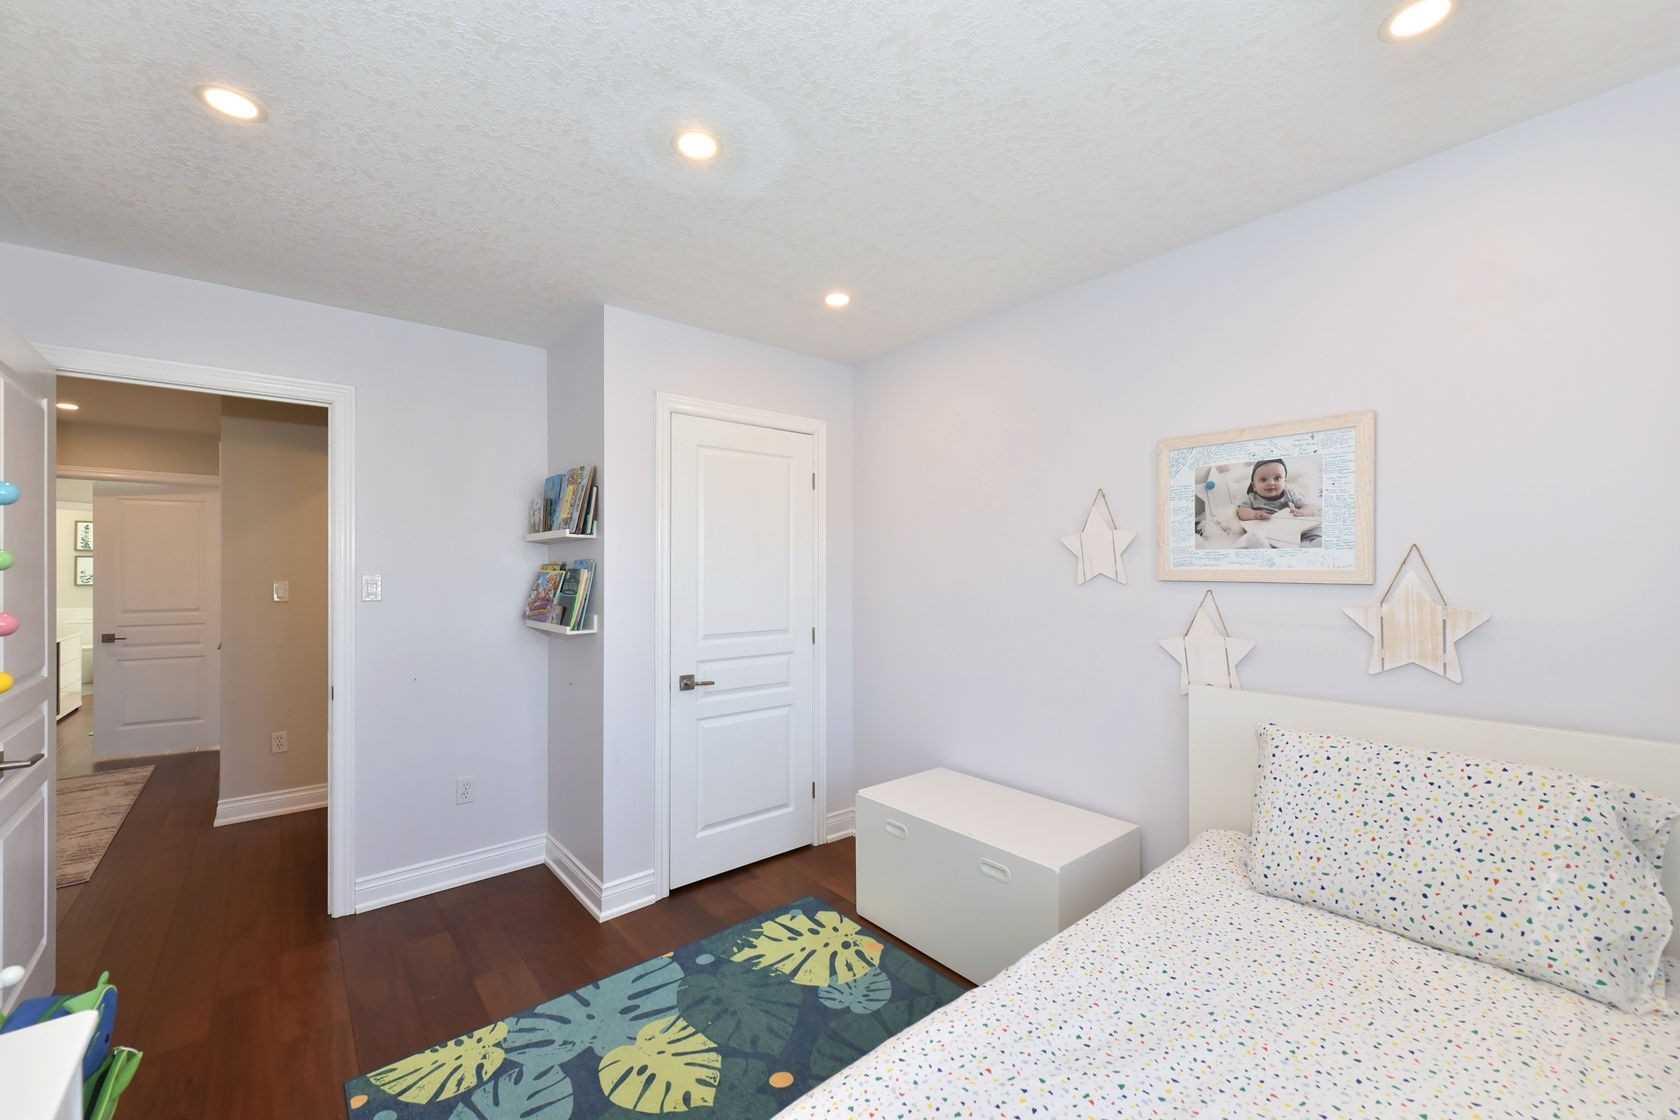 5346 Haldimand Cres, Burlington, Ontario L7L7E4, 3 Bedrooms Bedrooms, ,3 BathroomsBathrooms,Att/row/twnhouse,For Sale,Haldimand,W5155769